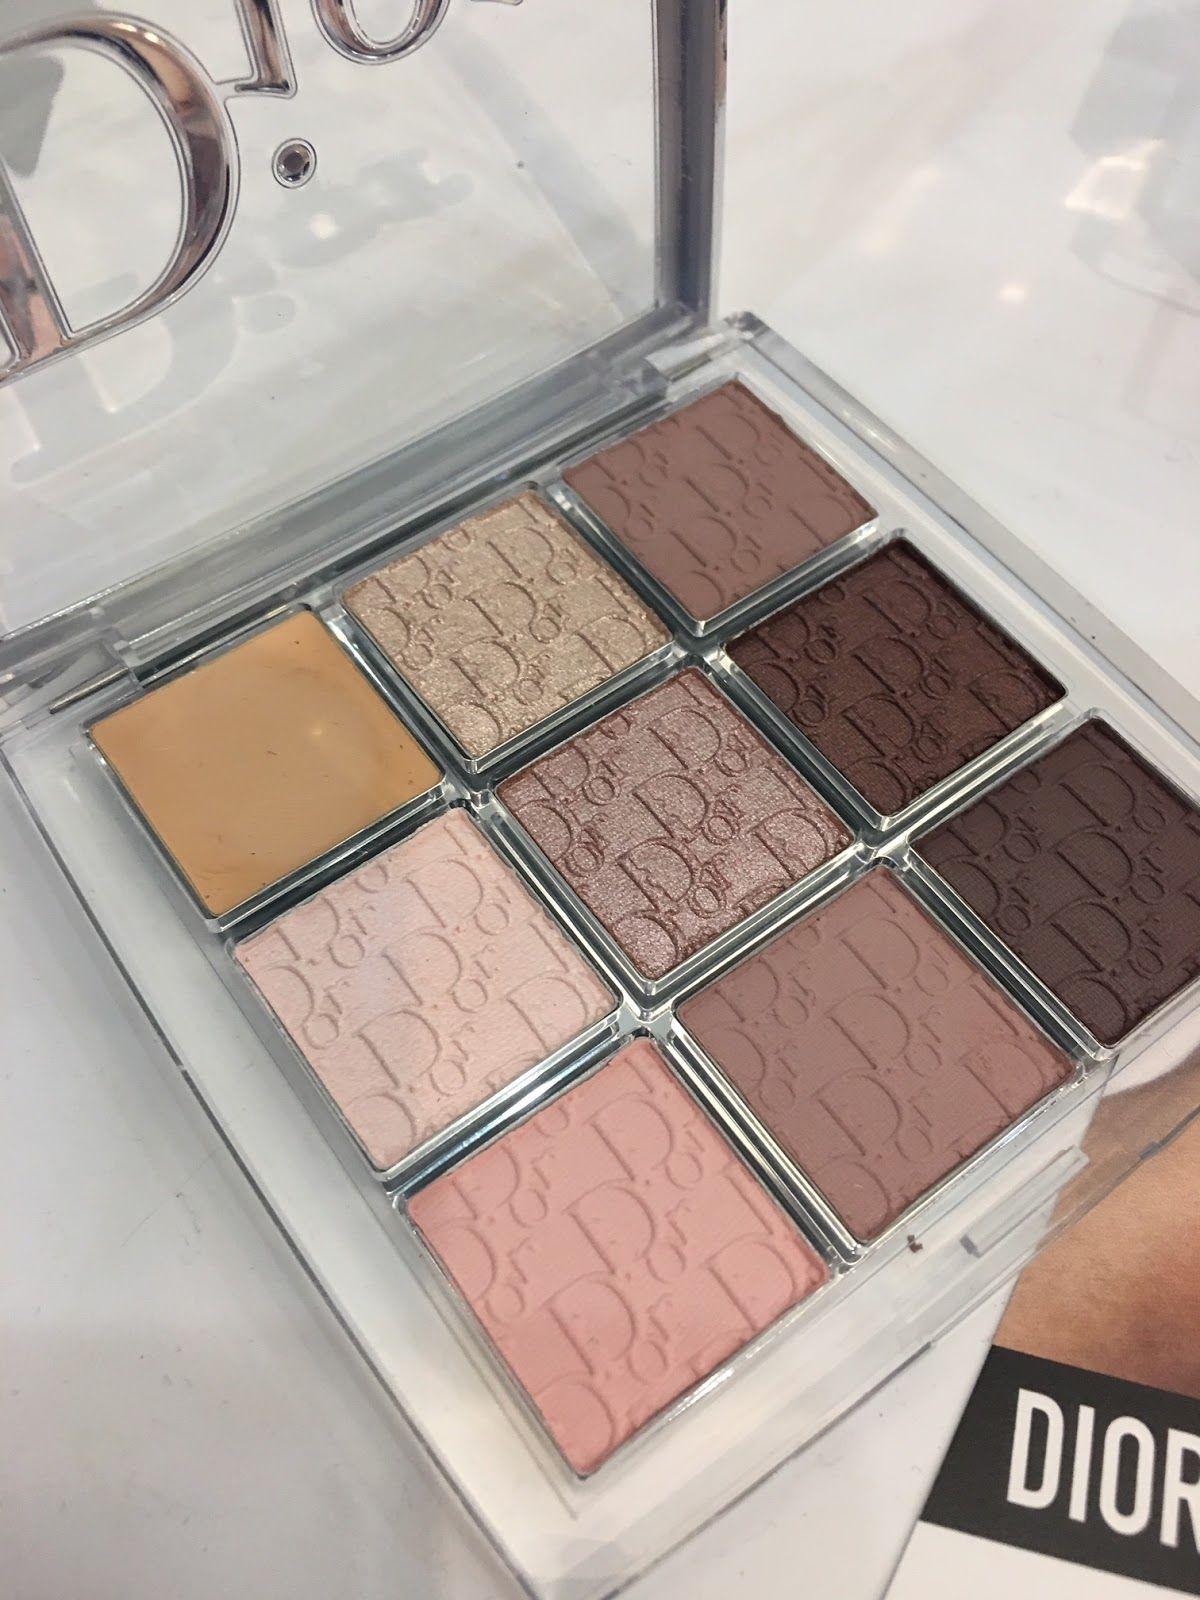 Dior Backstage: maquillaje inspirado en el detrás de escena y apto para todo público.